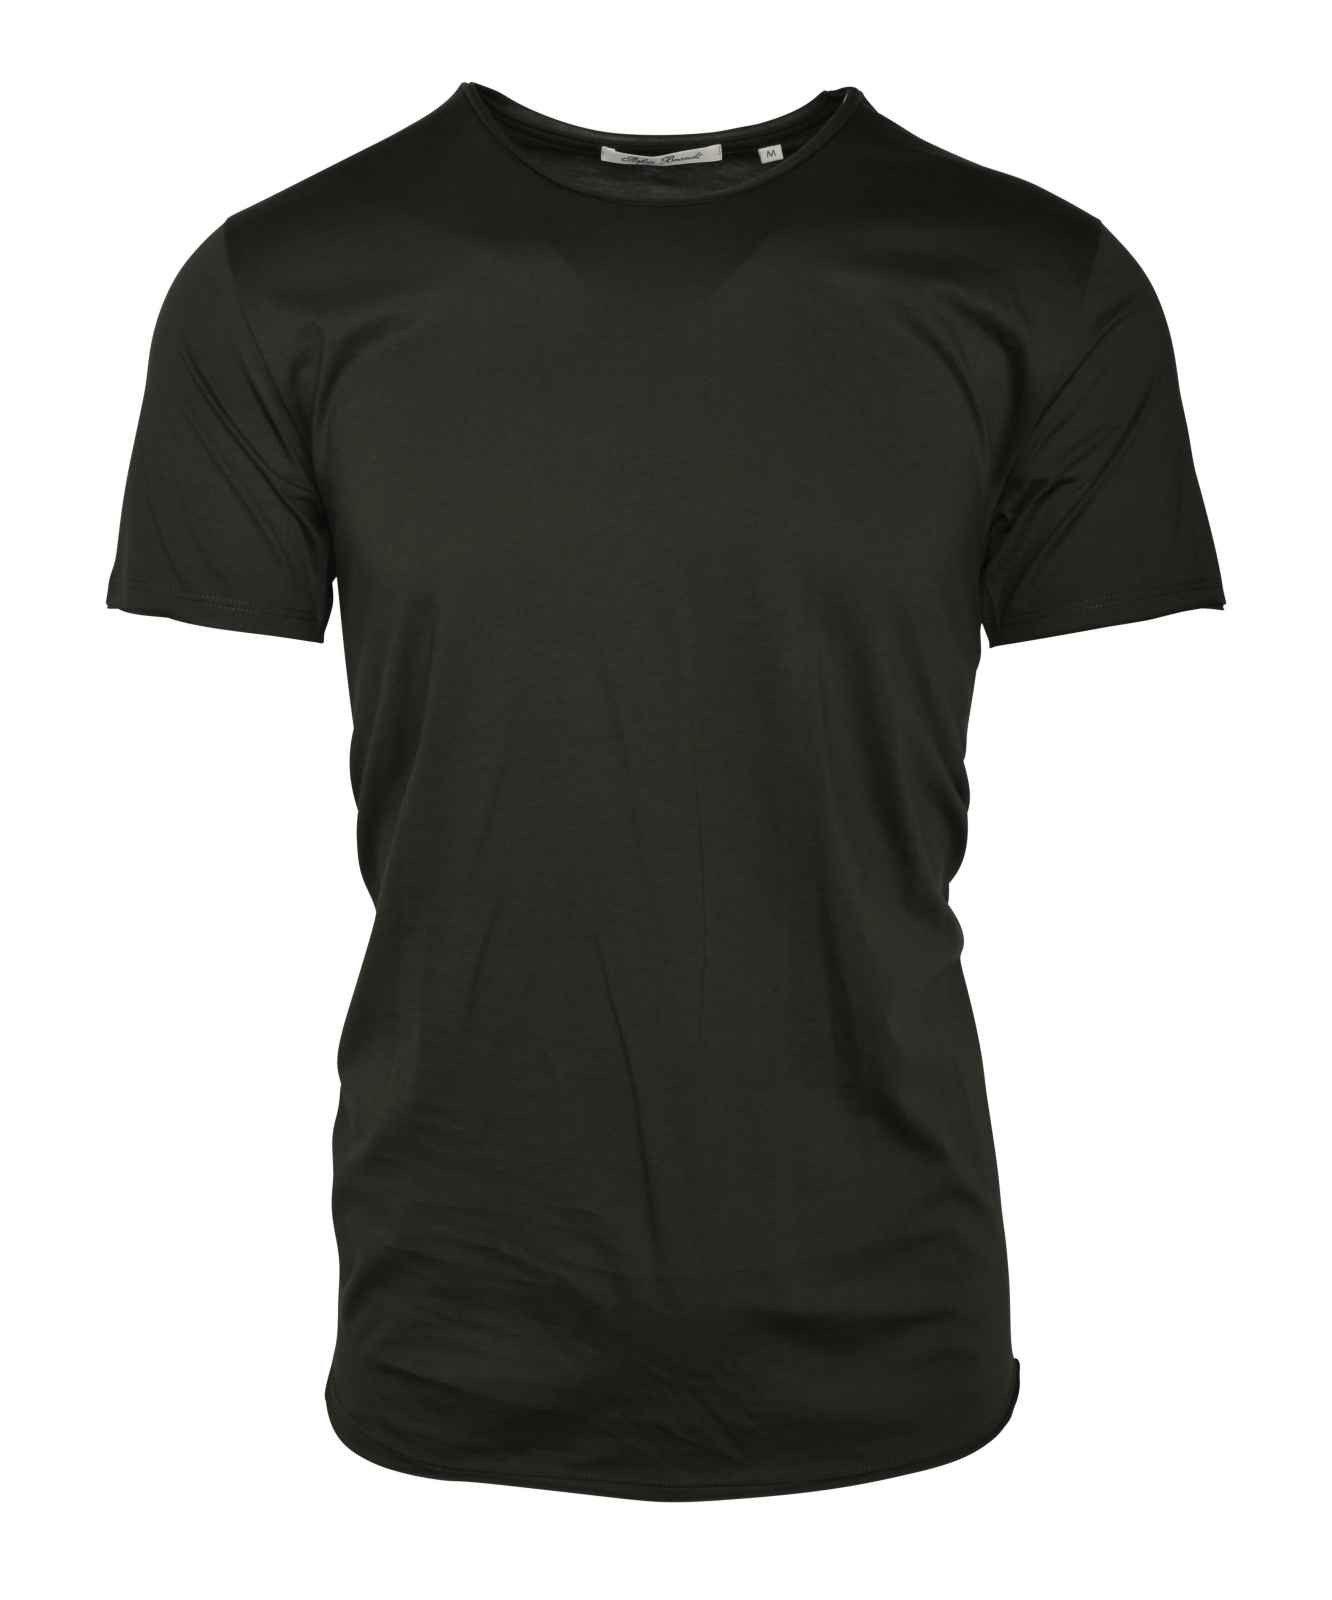 STEFAN BRANDT - Herren T-Shirt - Elia - Lizard